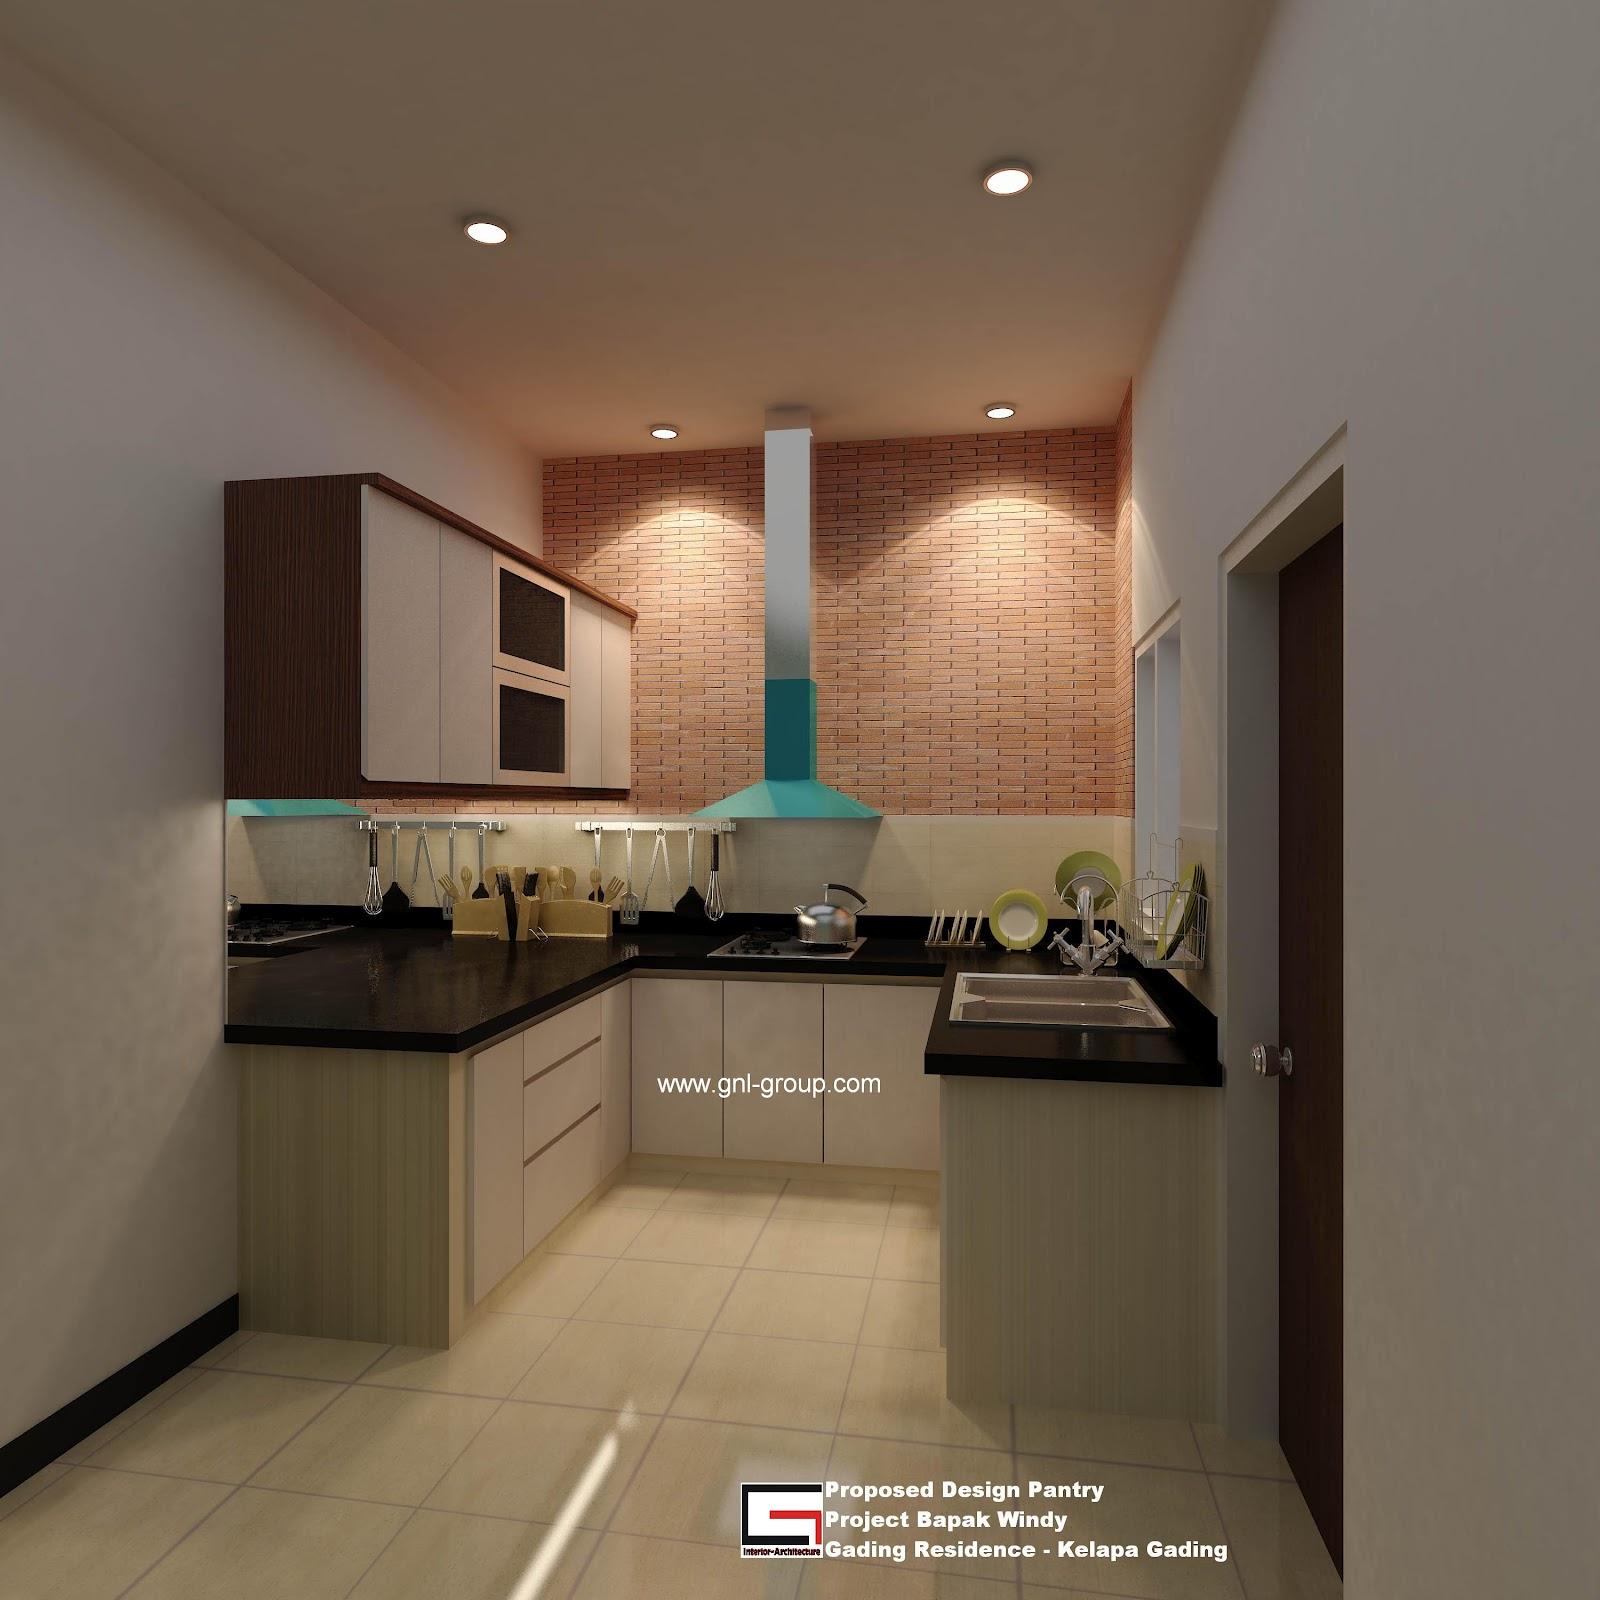 Komersial desain interior, termasuk merancang kantor, ruang pamer atau ...